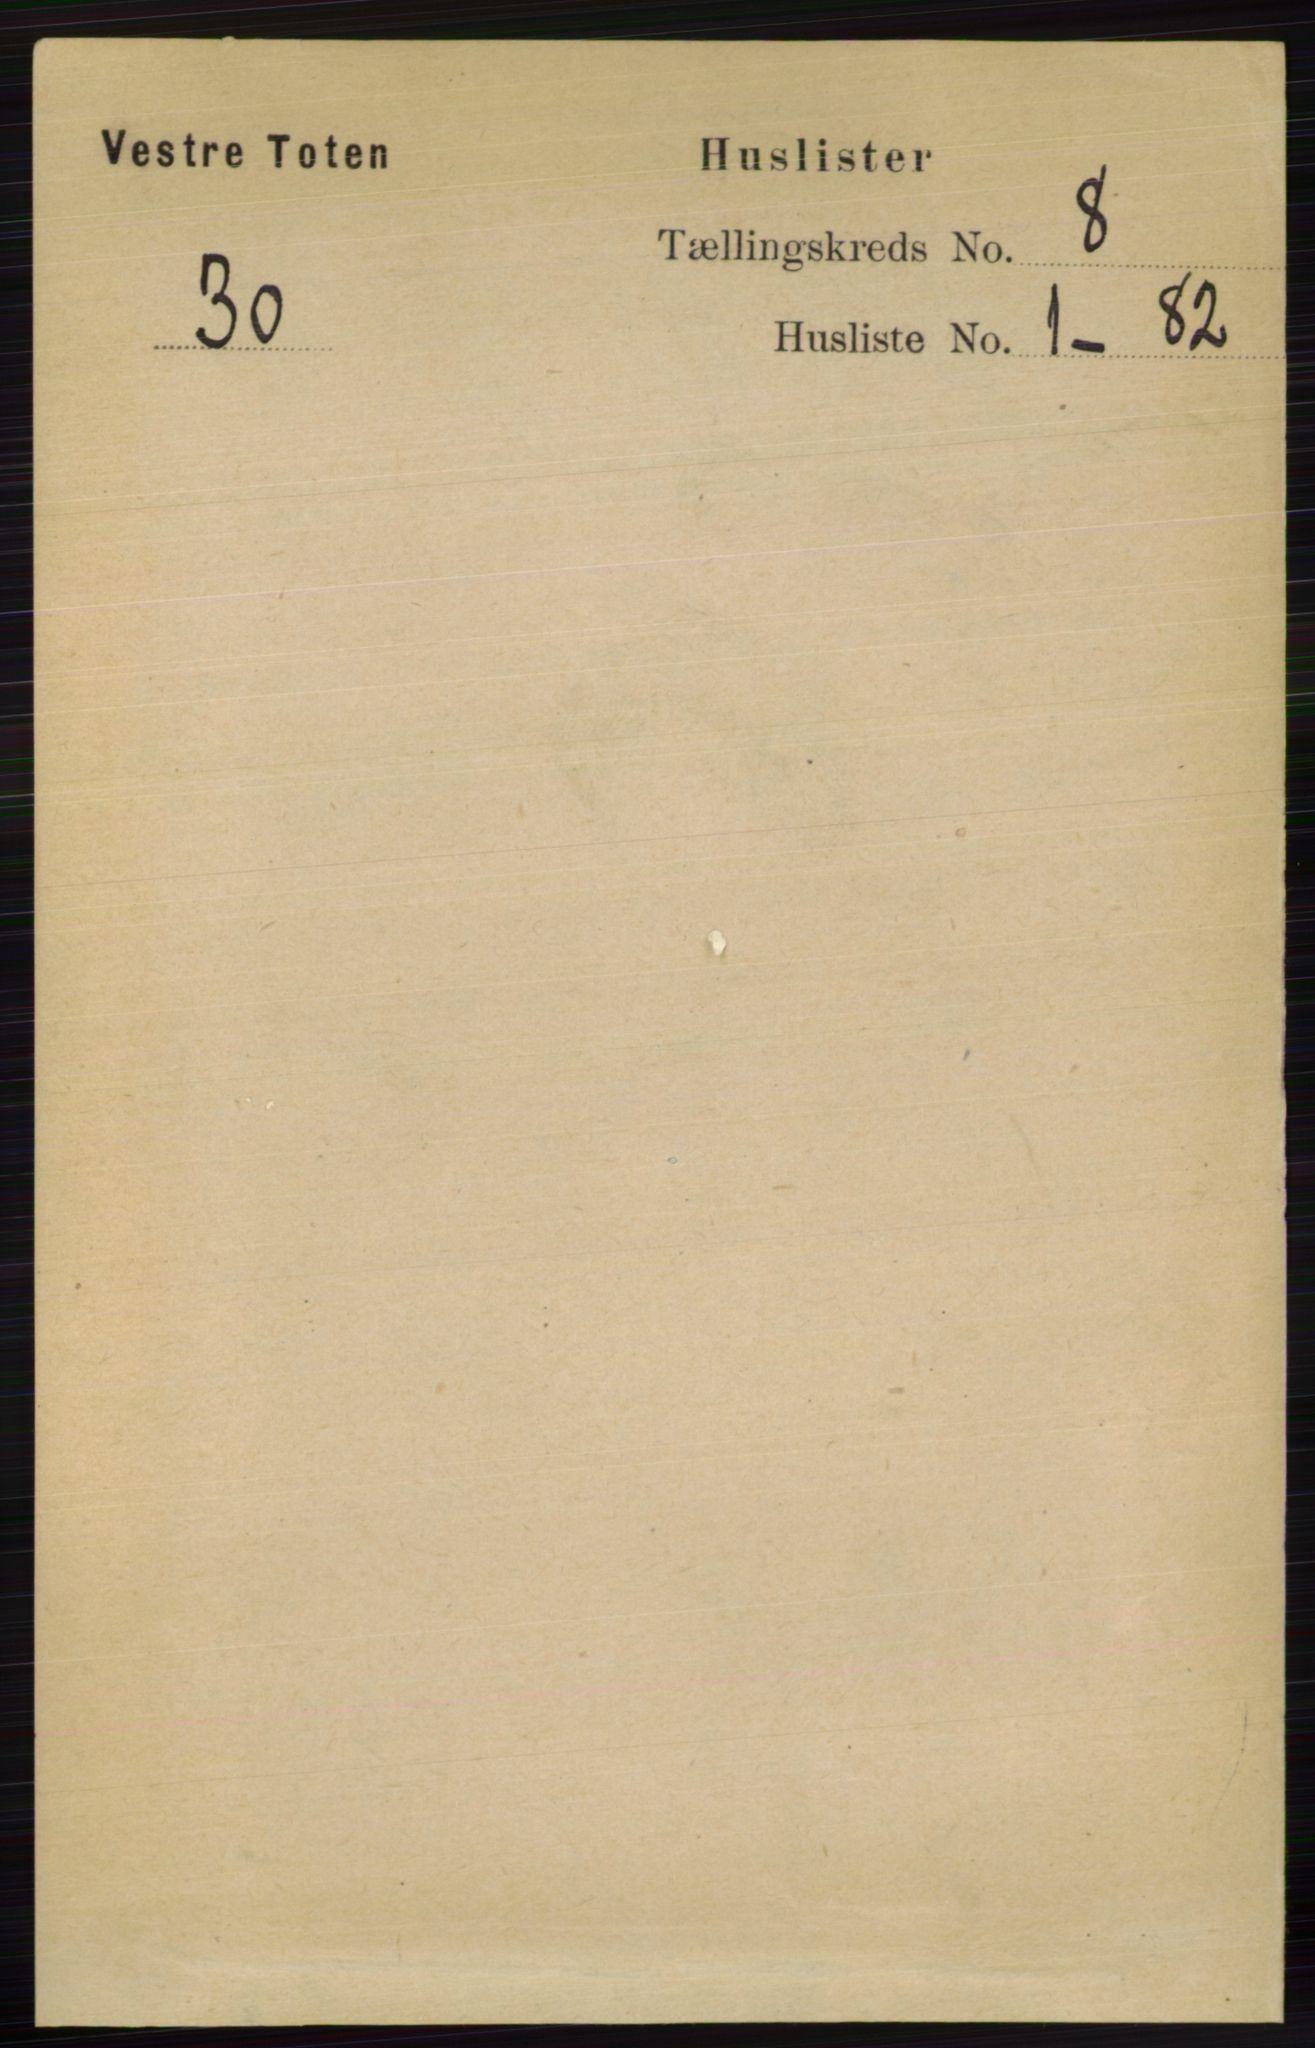 RA, Folketelling 1891 for 0529 Vestre Toten herred, 1891, s. 4913